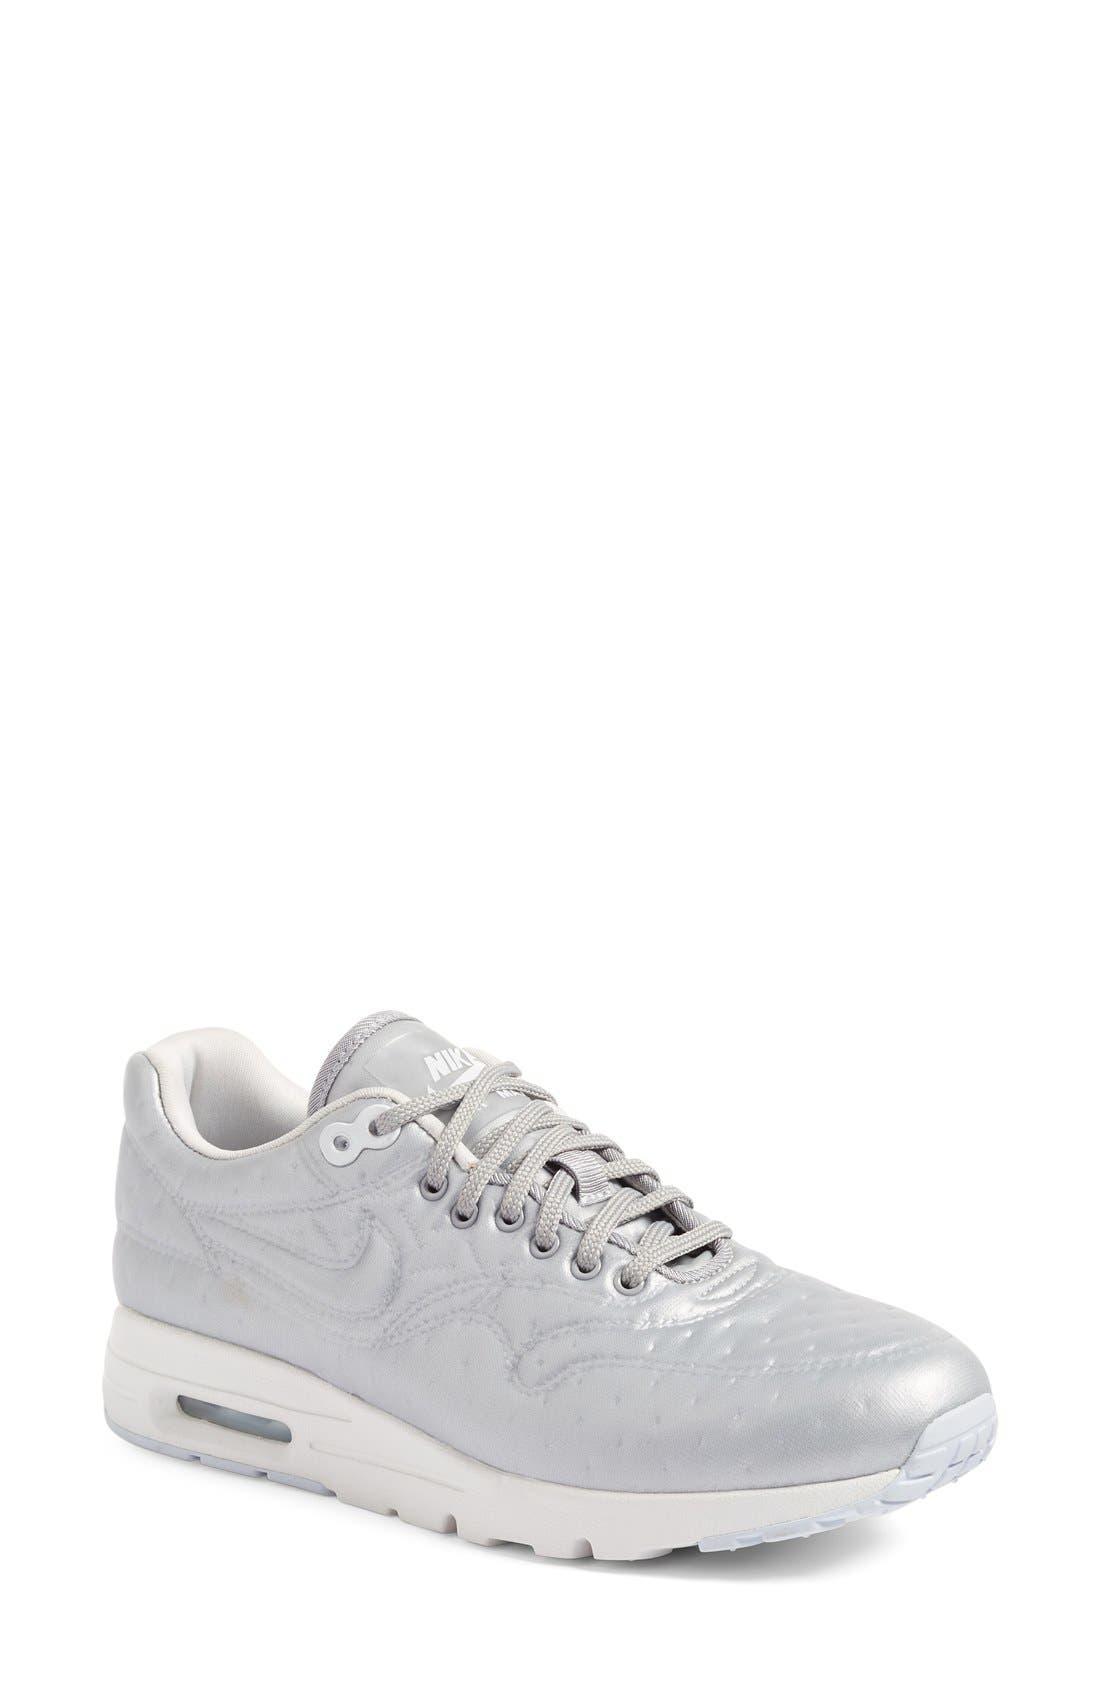 Nike Air Max 1 Ultra Premium Jacquard Sneaker (Women)